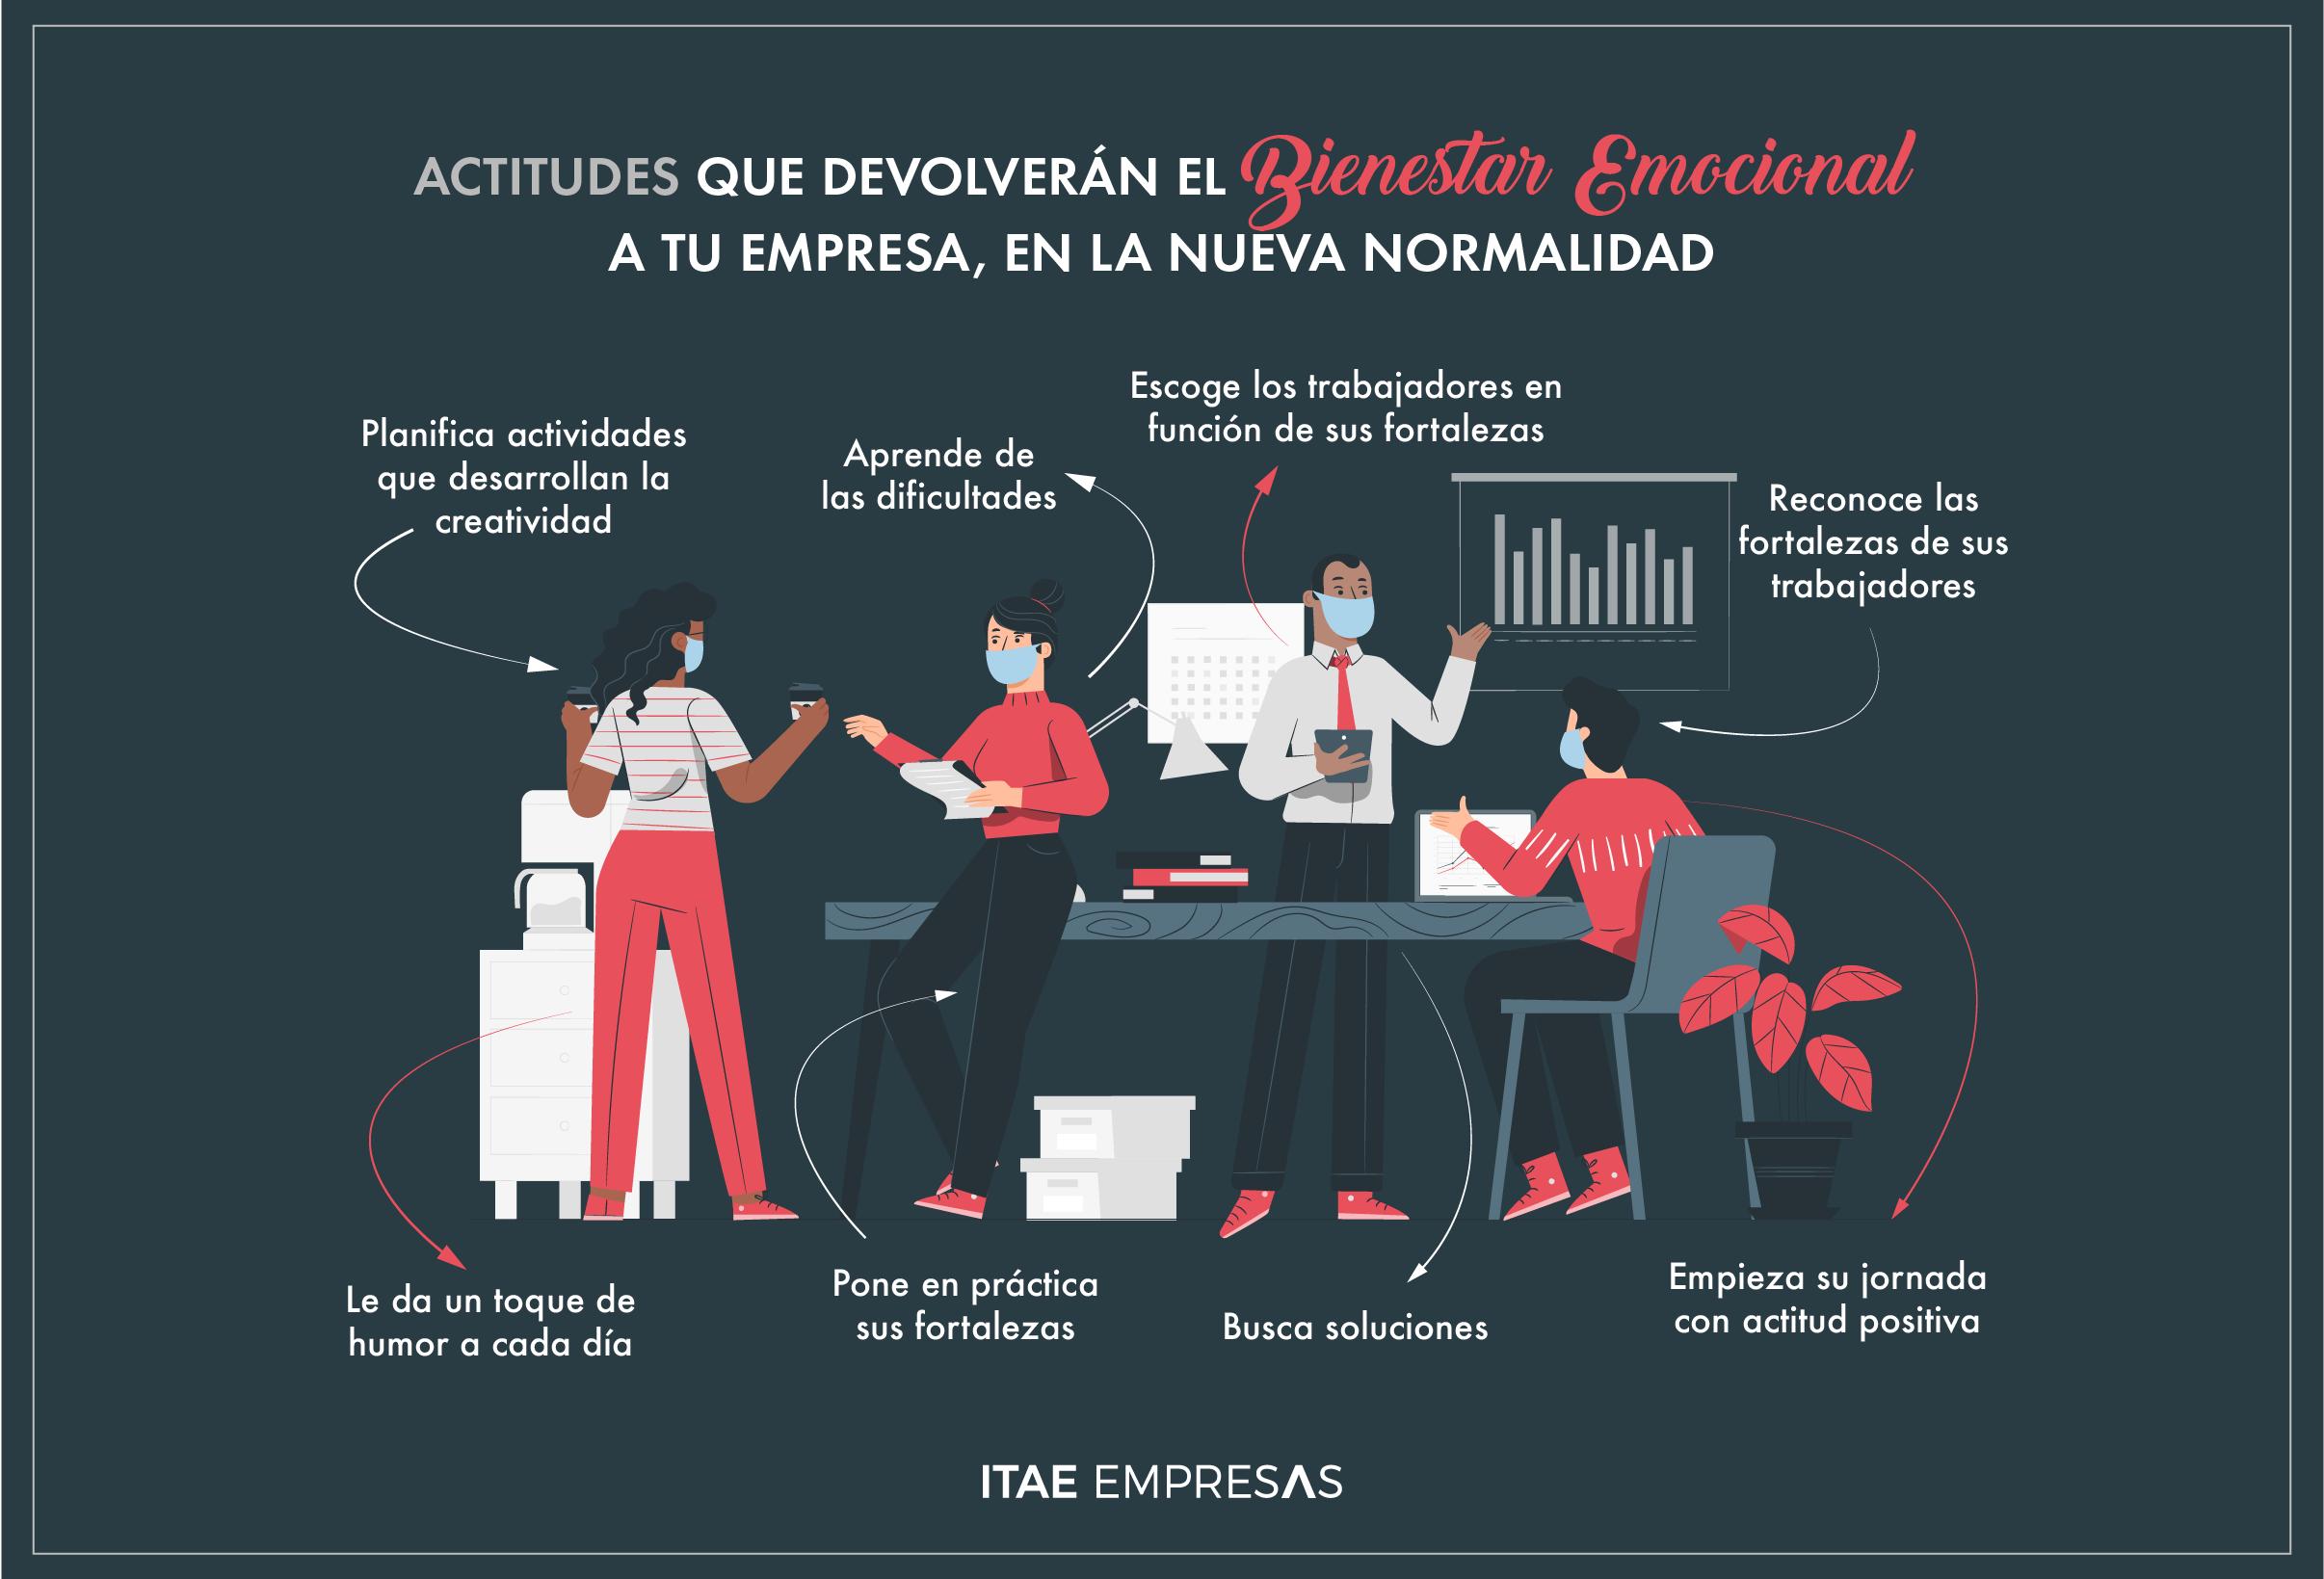 Actitudes para el bienestar emocional de tu empresa